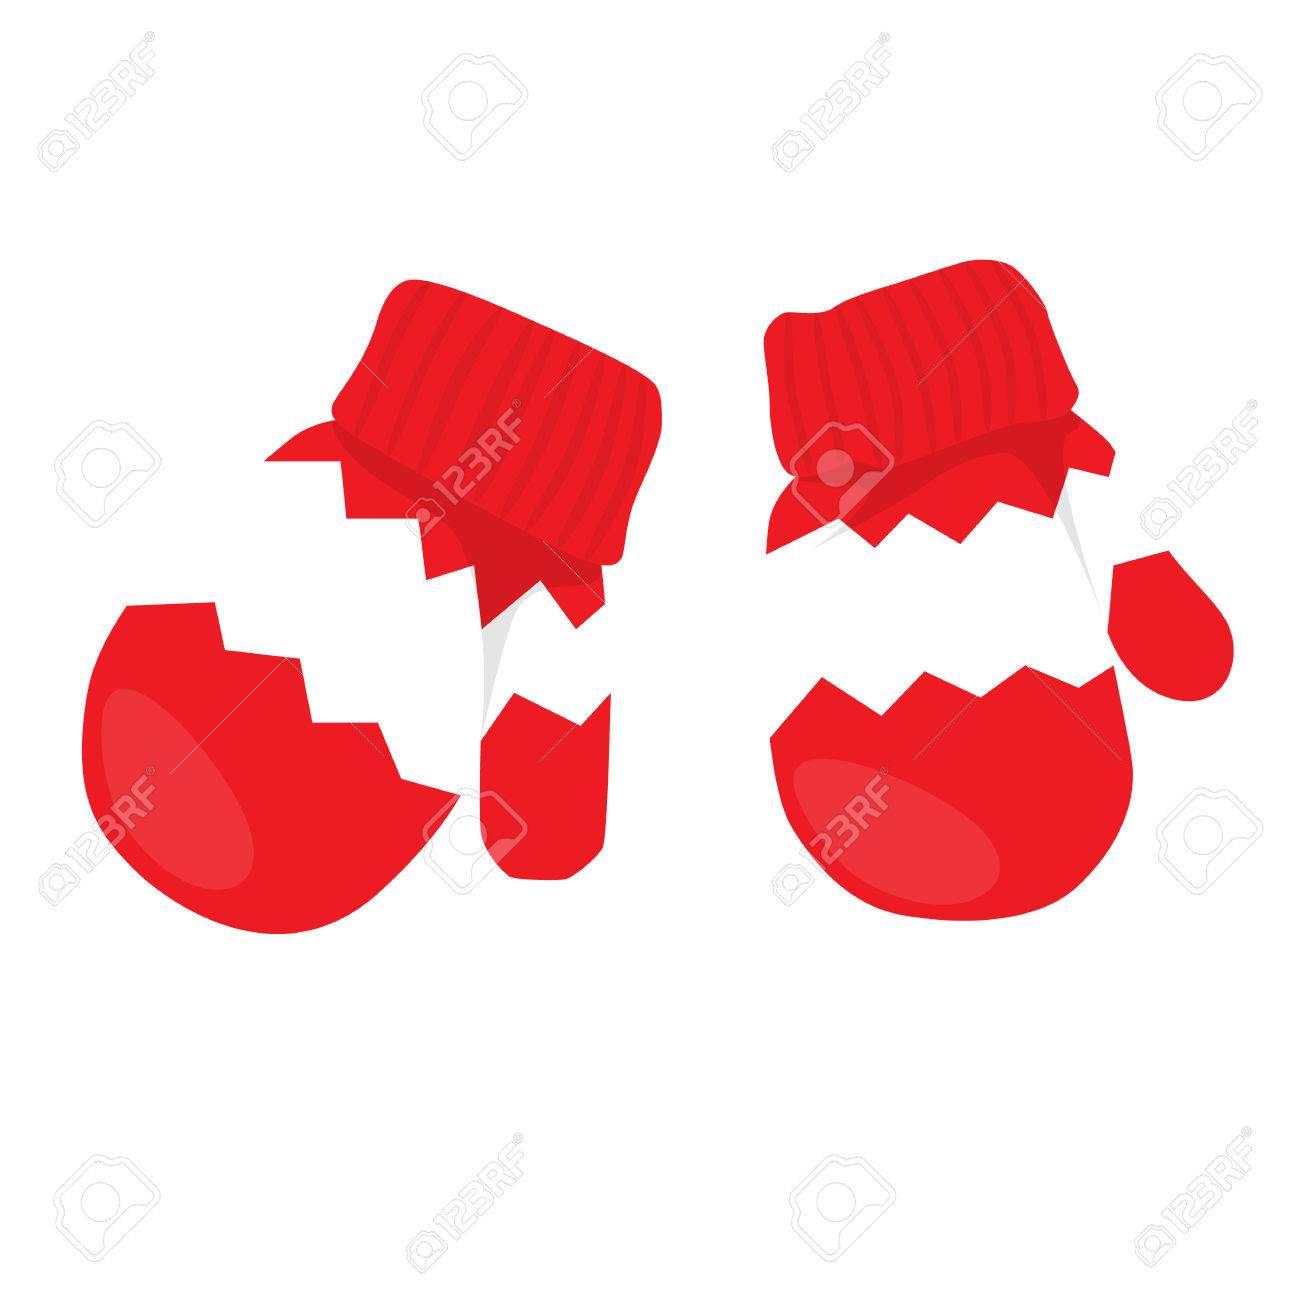 赤いミトンのイラストのペアのイラスト素材ベクタ Image 63816657